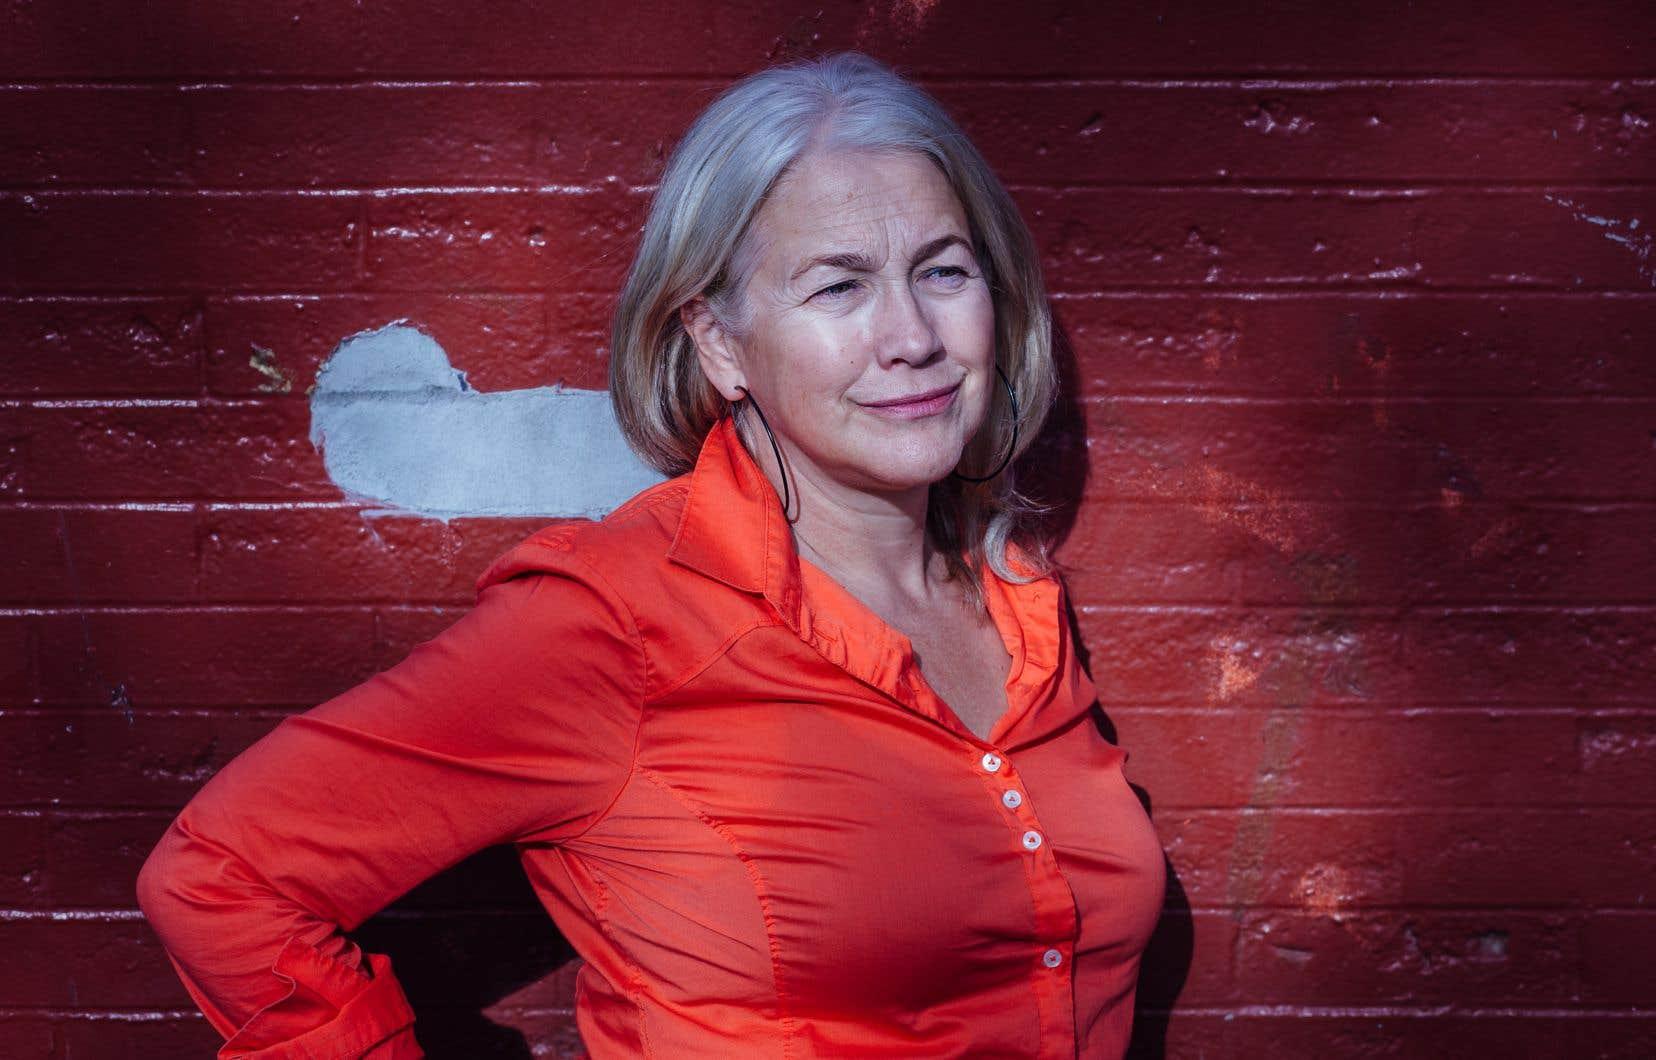 C'est à Iqaluit, il y a environ 10 ans, que Marie-Hélène Cousineau a lu pour la première fois <em>La rivière sans repos</em>. La cinéaste, qui connaît très bien le Nord, a tout de suite vu apparaître le film dans sa tête.